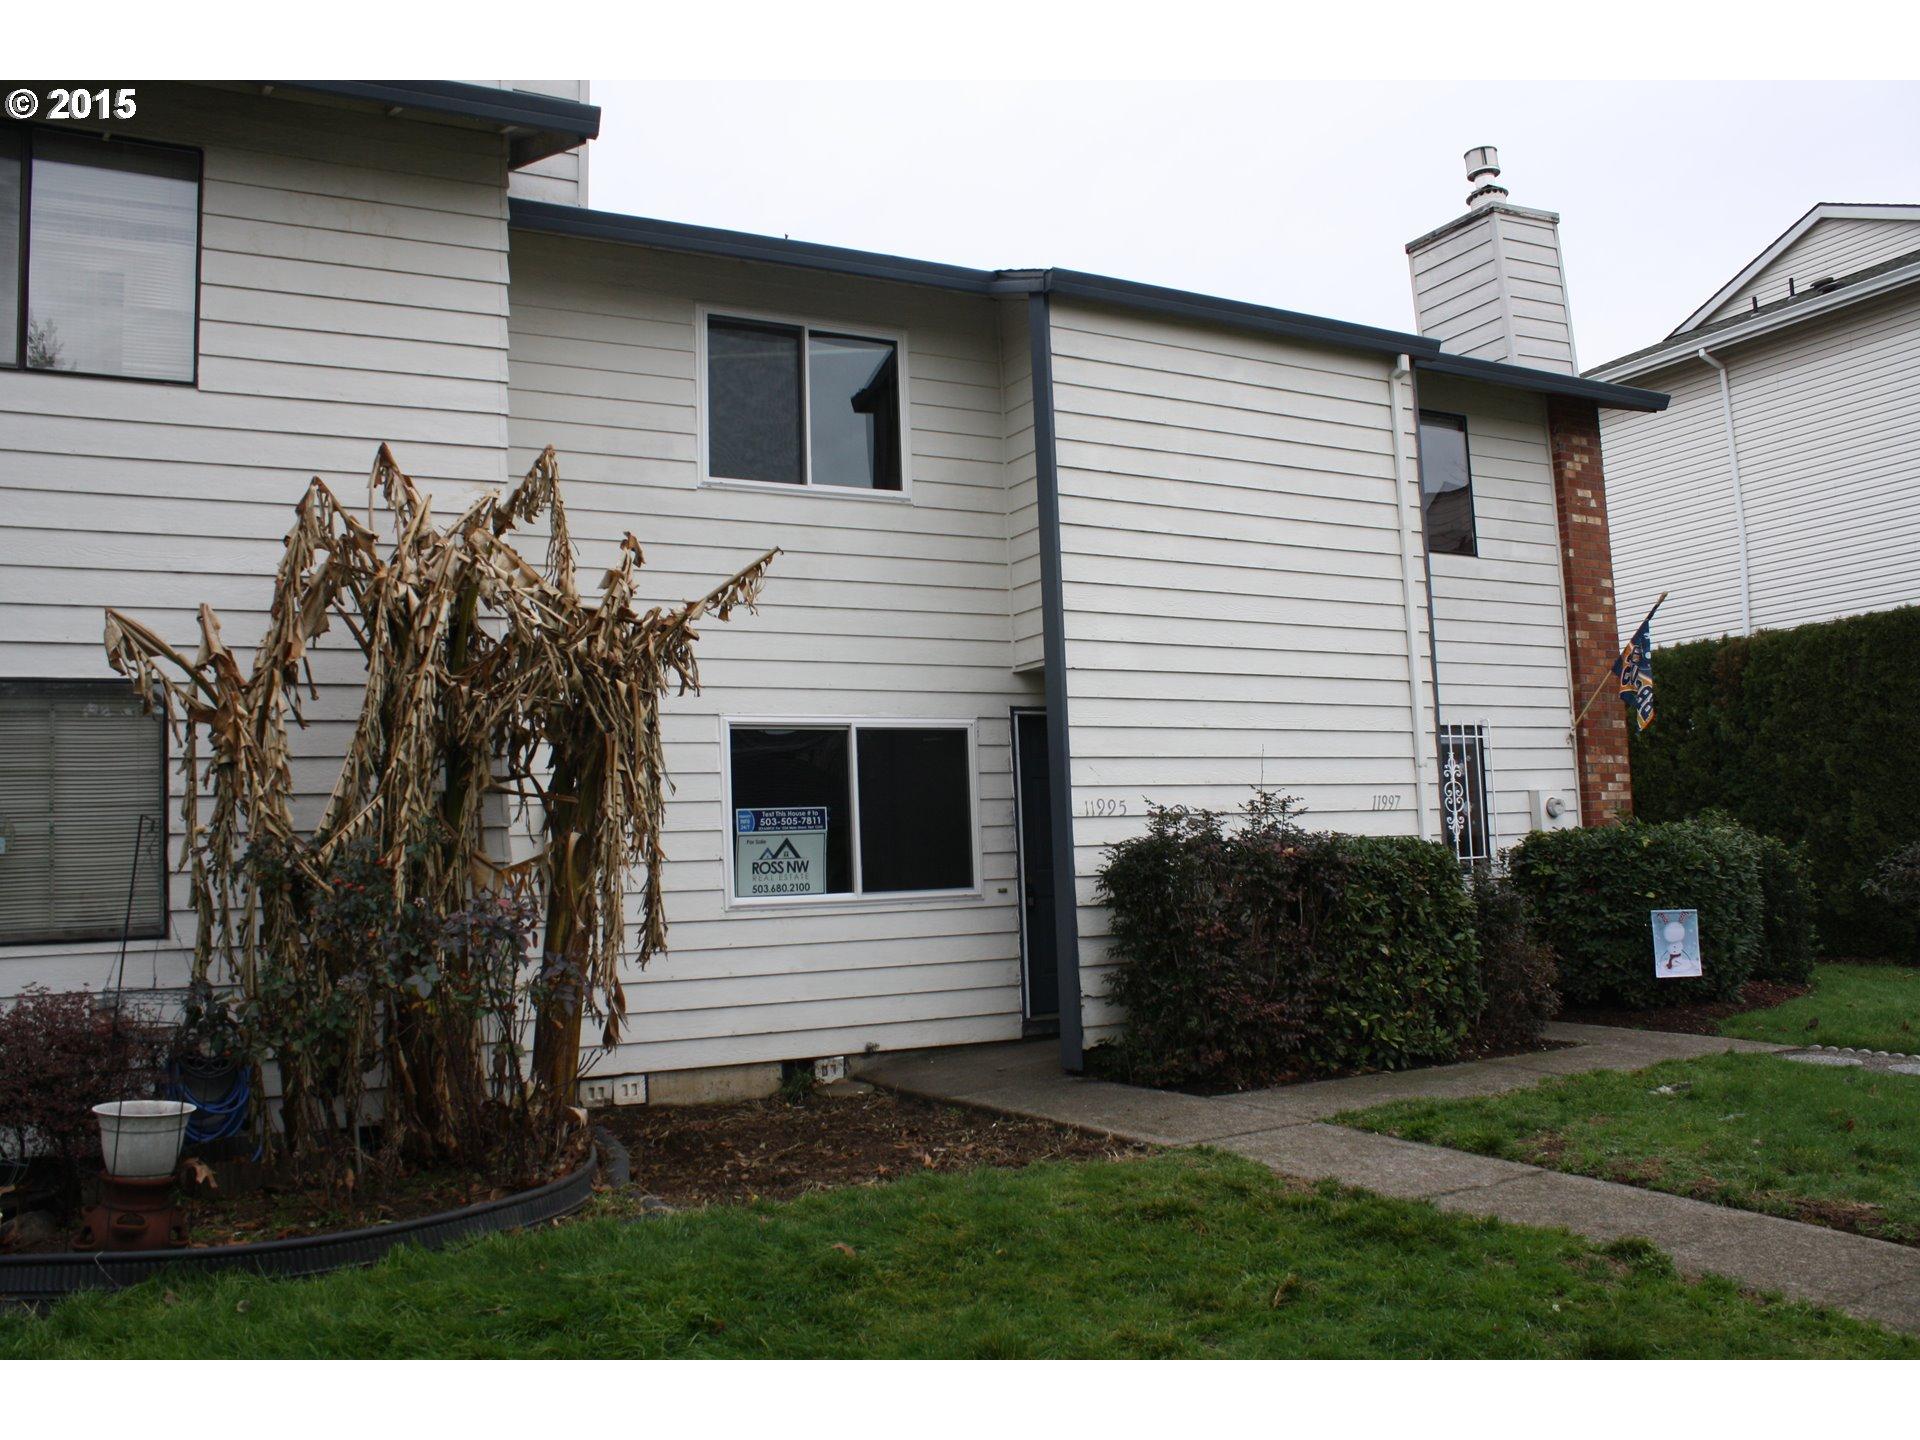 11995 SE Holgate Blvd, Portland, OR